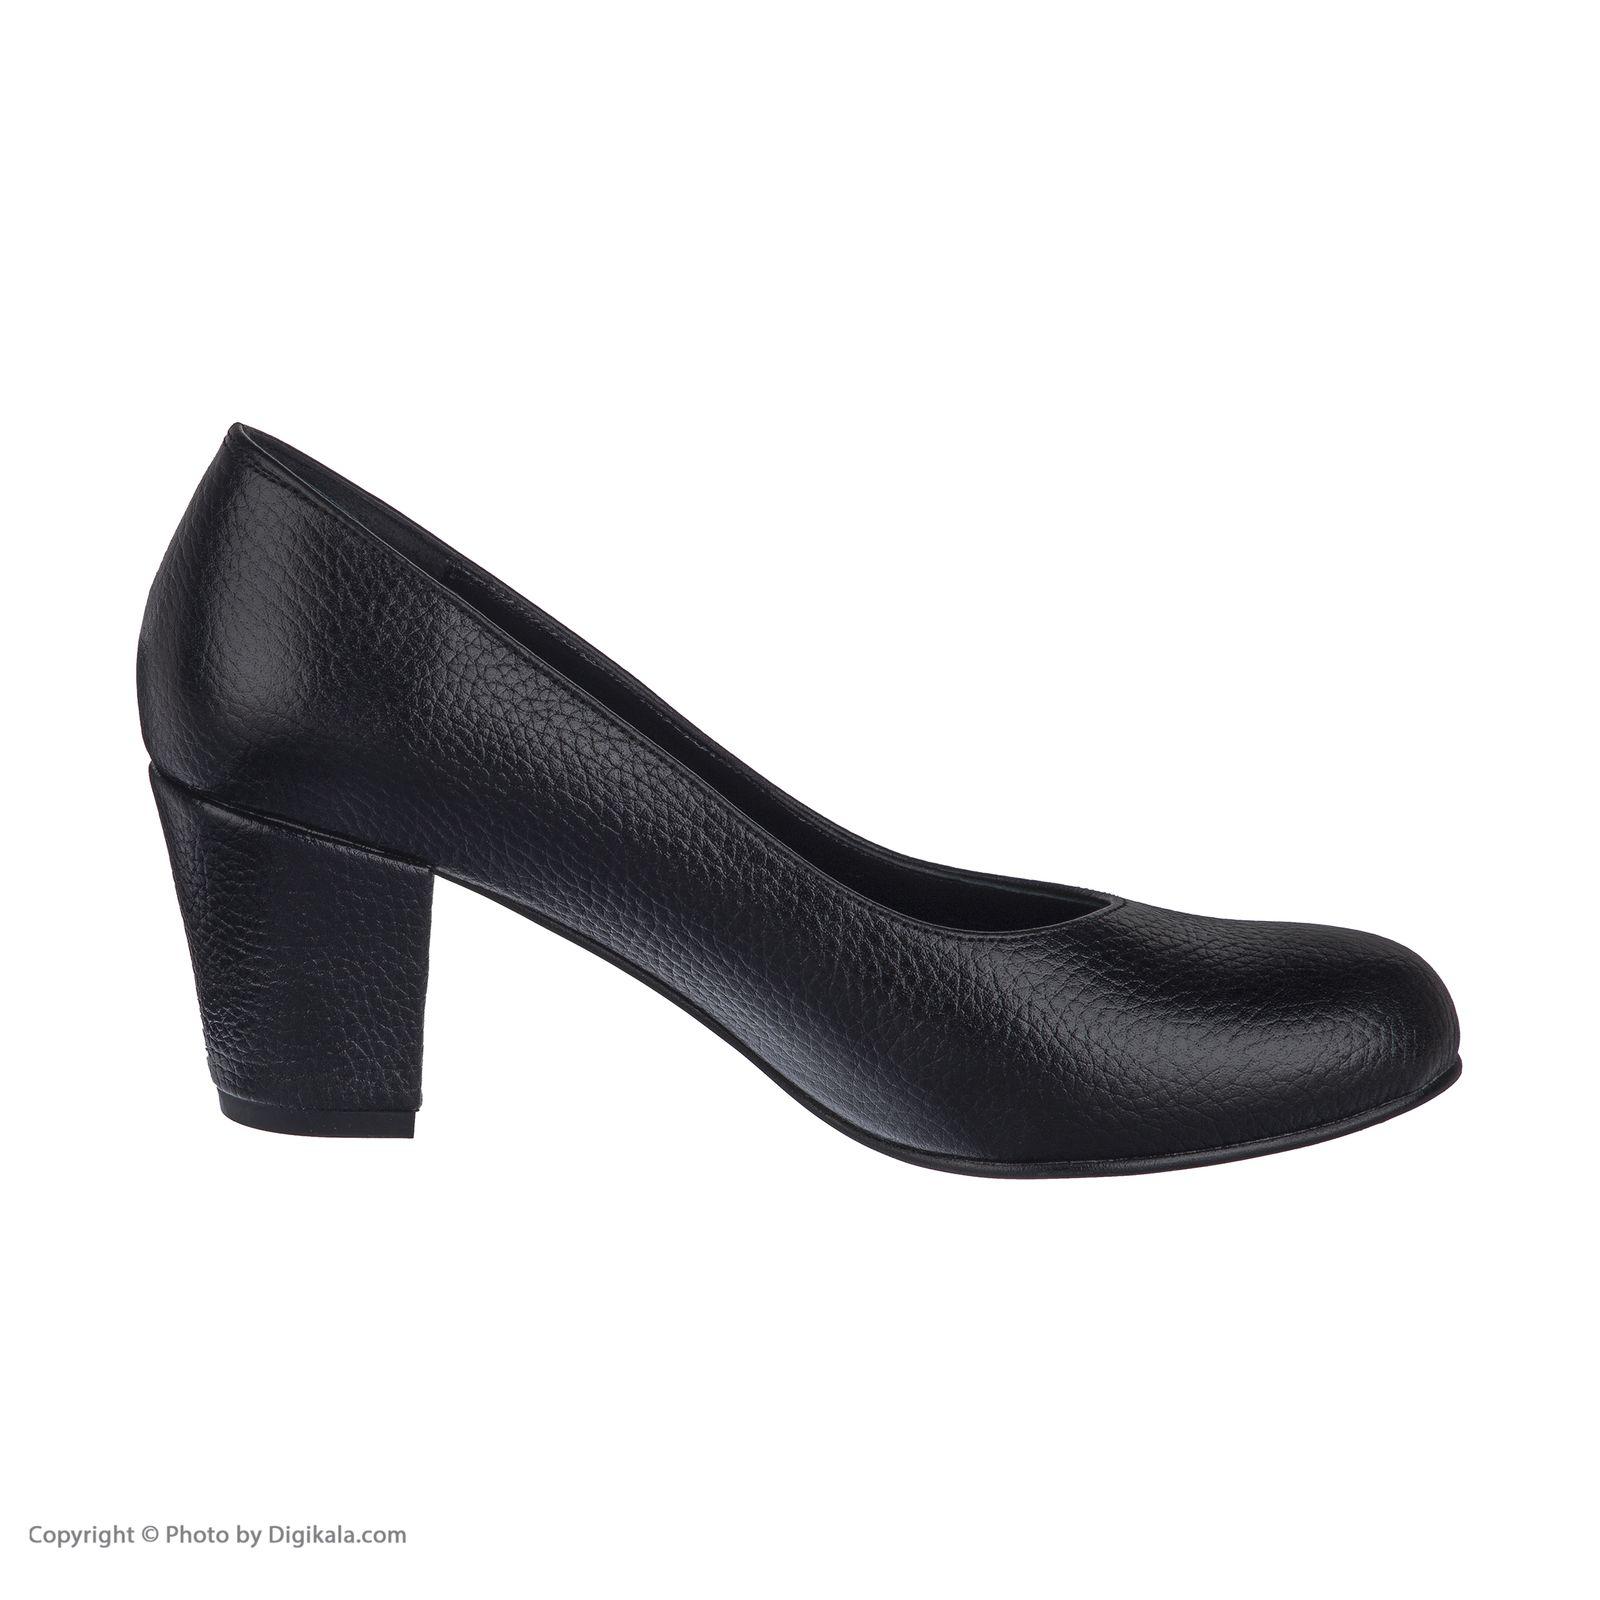 کفش زنانه دلفارد مدل 6394A500101 -  - 8